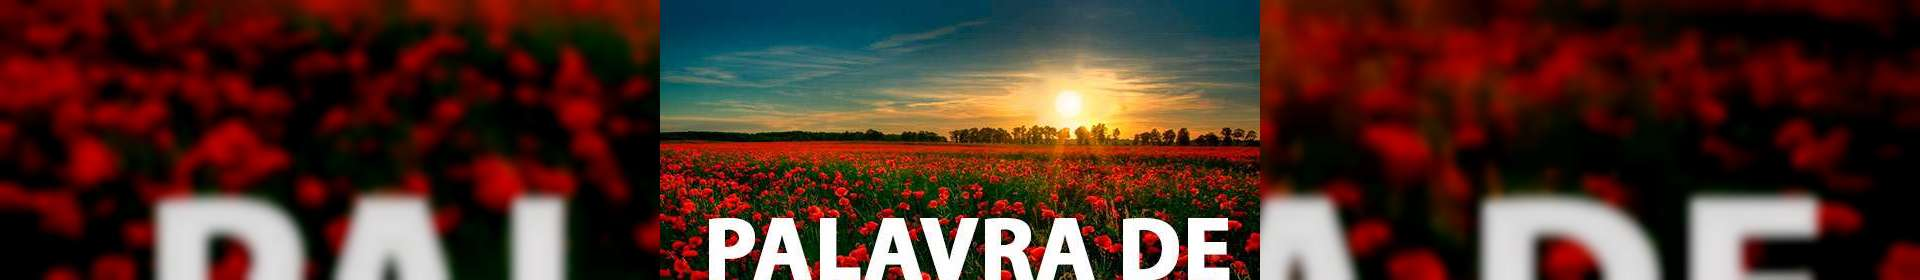 Salmos 27:14 - Uma Palavra de Esperança para sua vida